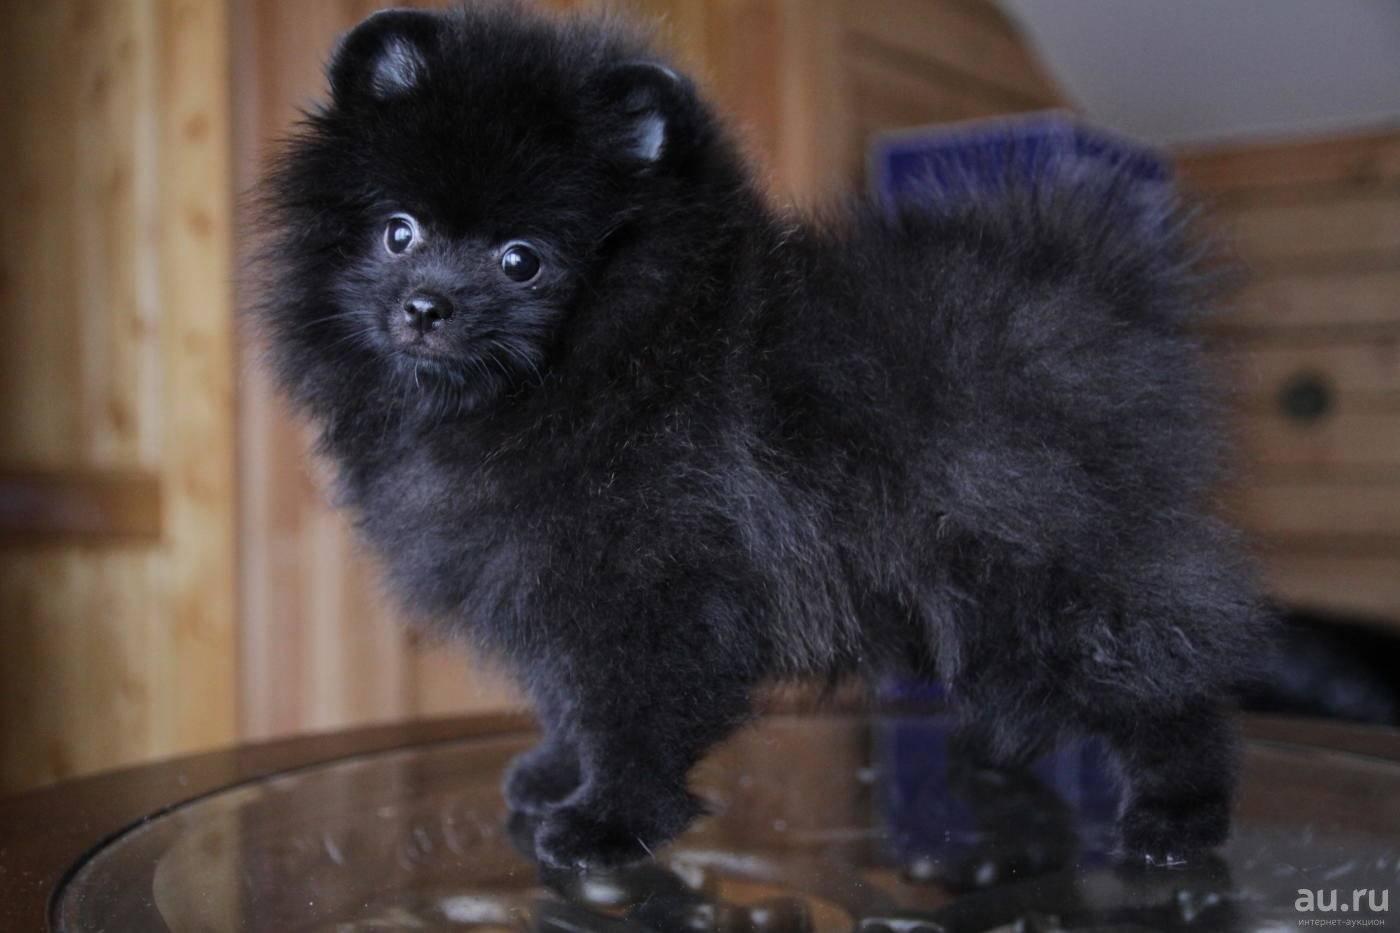 Окрасы шпицев (24 фото): черно-белый и мраморный, патиколор и голубой, серый, оранжевый и другие окрасы щенков